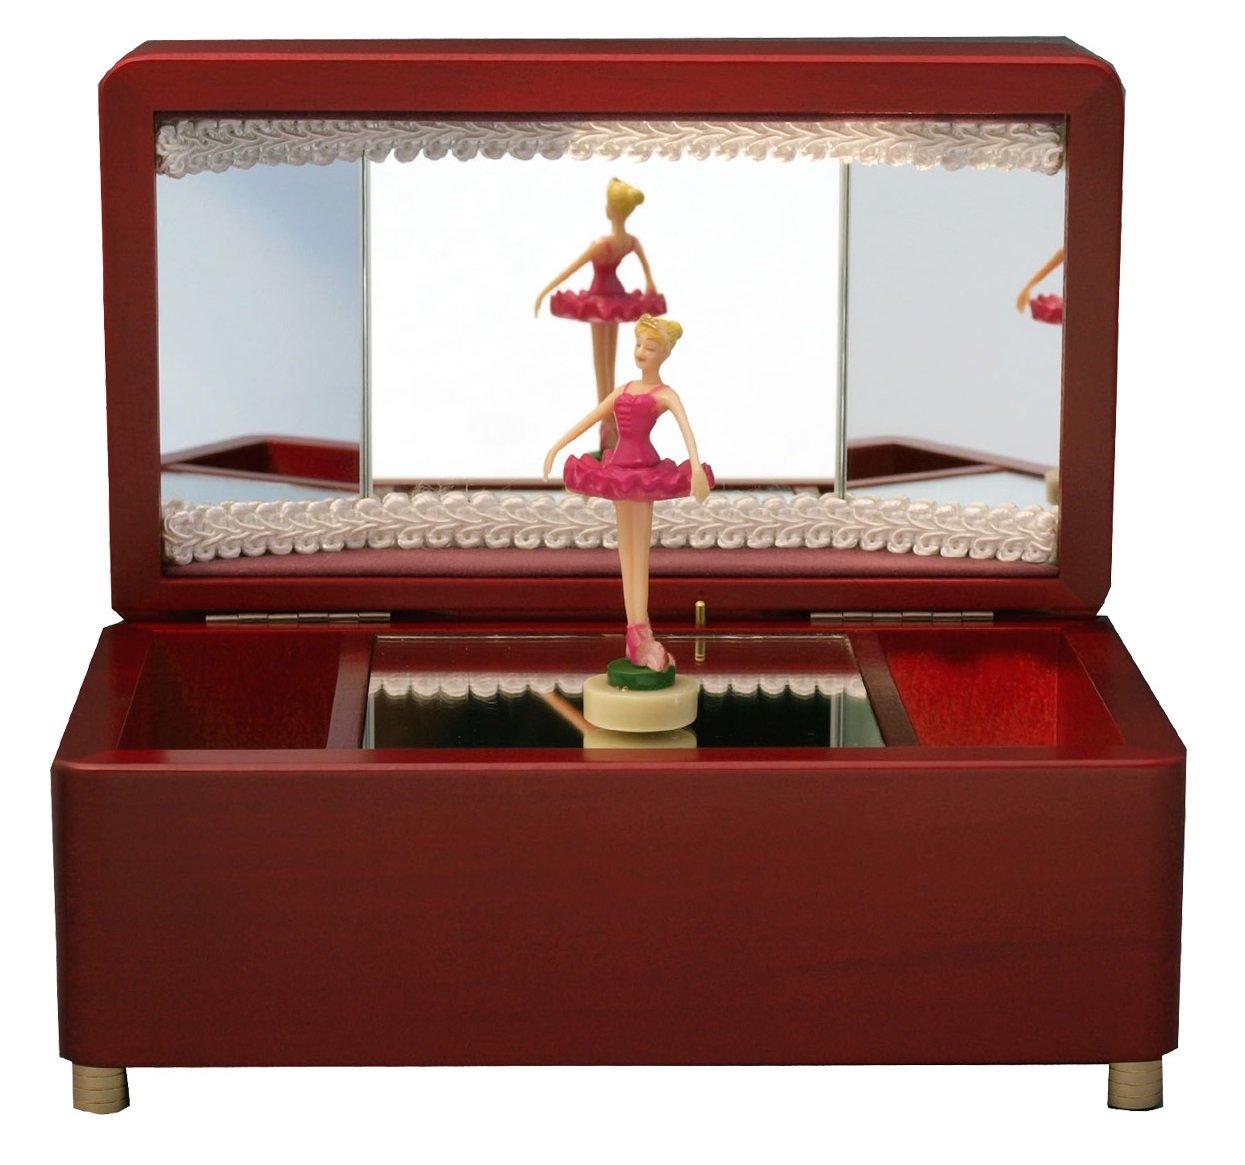 バレリーナオルゴール ワイン 愛の夢 ピンク色の人形 B007QUW8G6